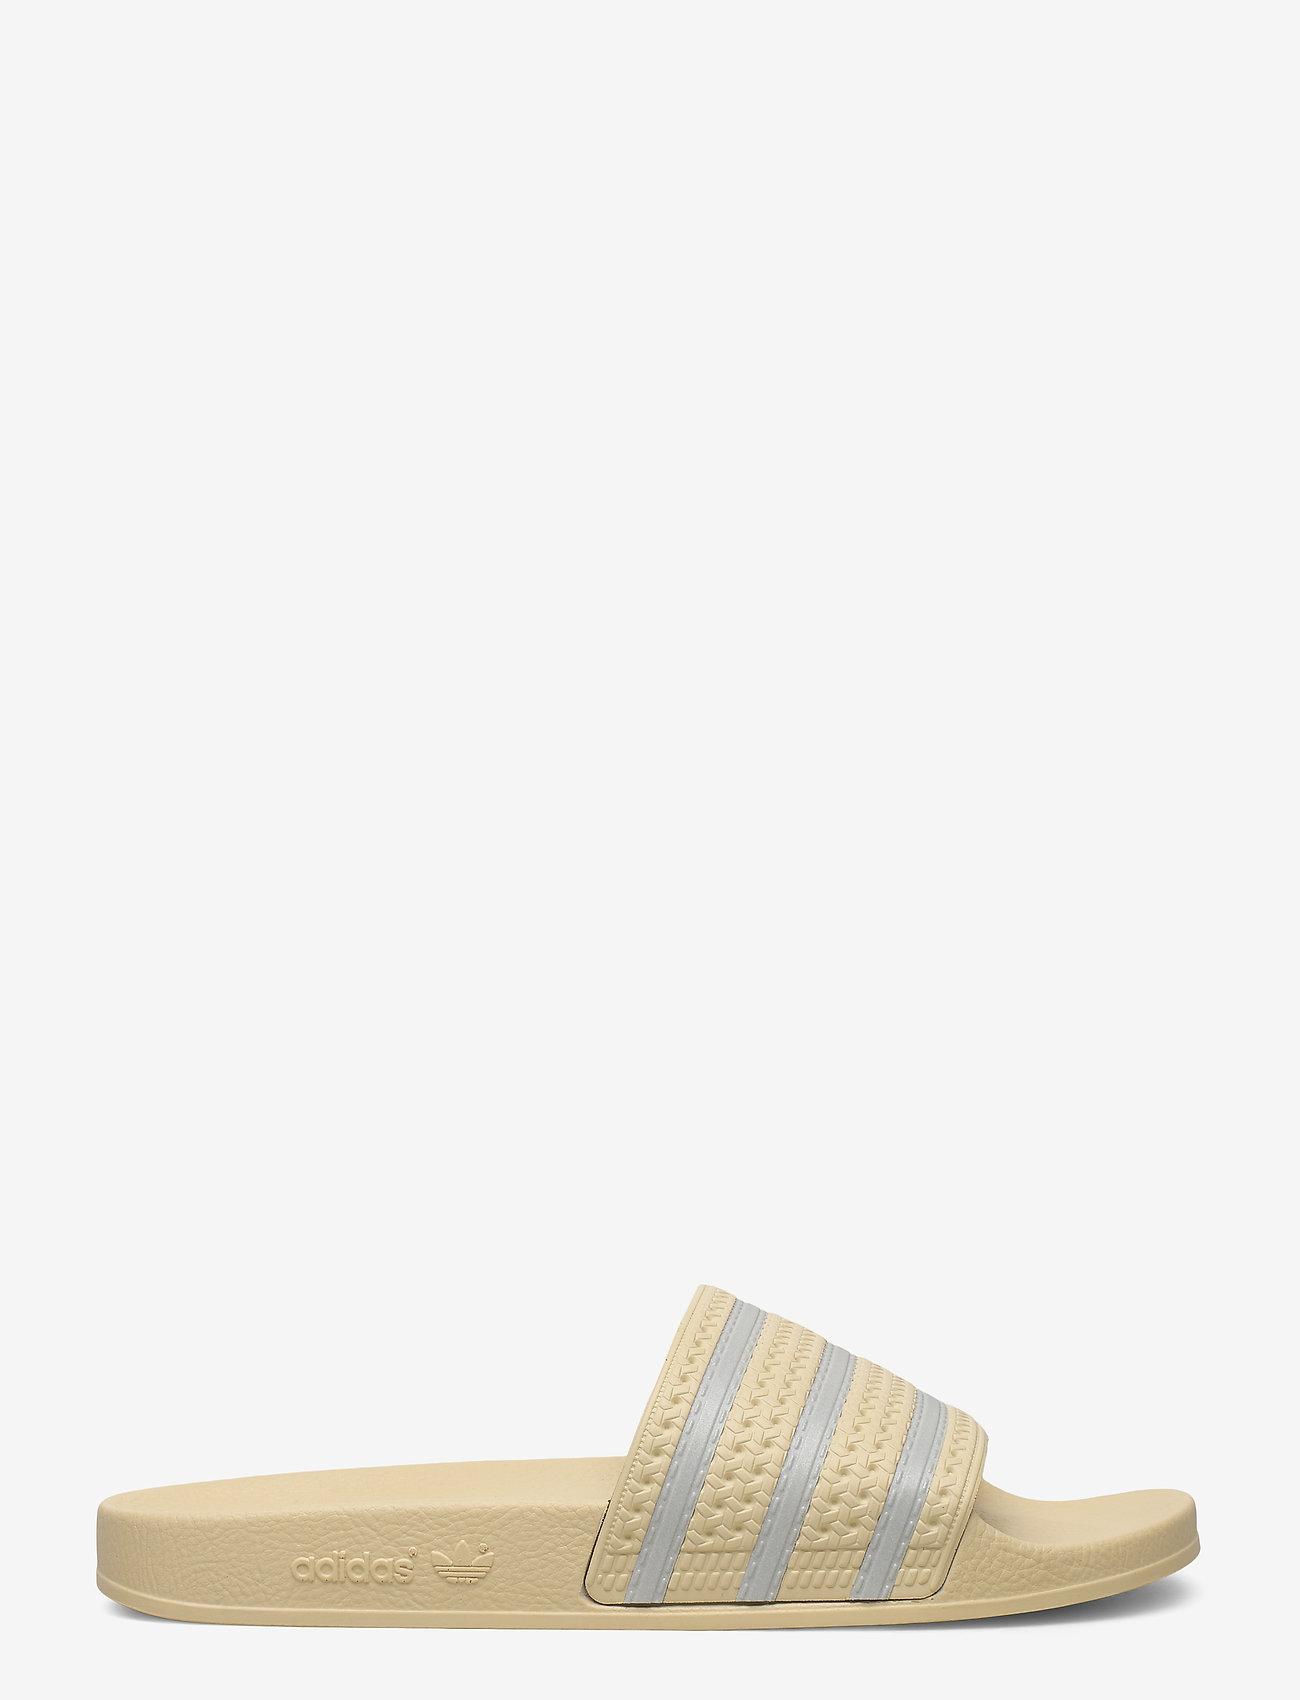 adidas Originals - ADILETTE - pool sliders - sand/supcol/sand - 1